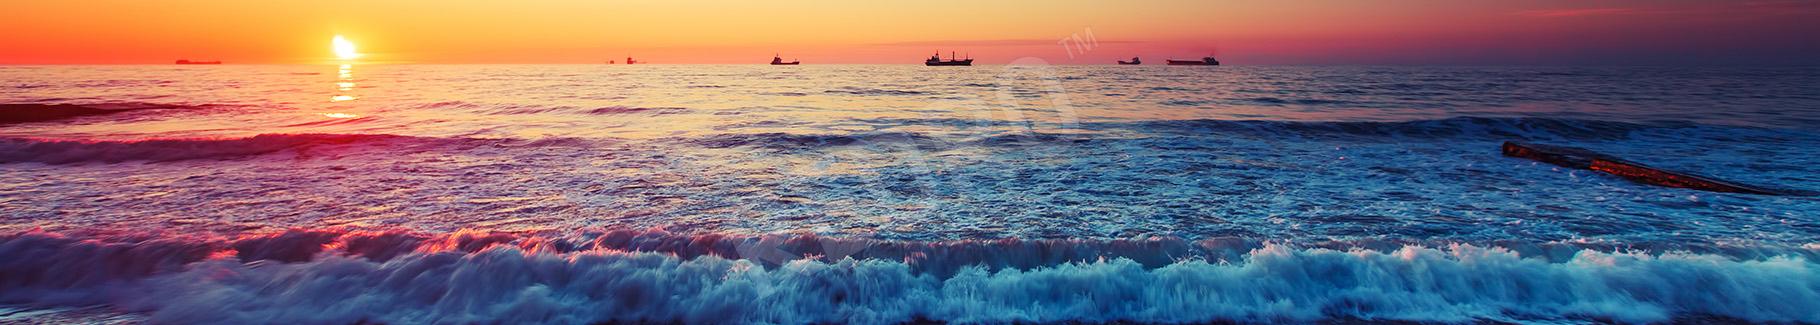 Obraz morze o zachodzie słońca